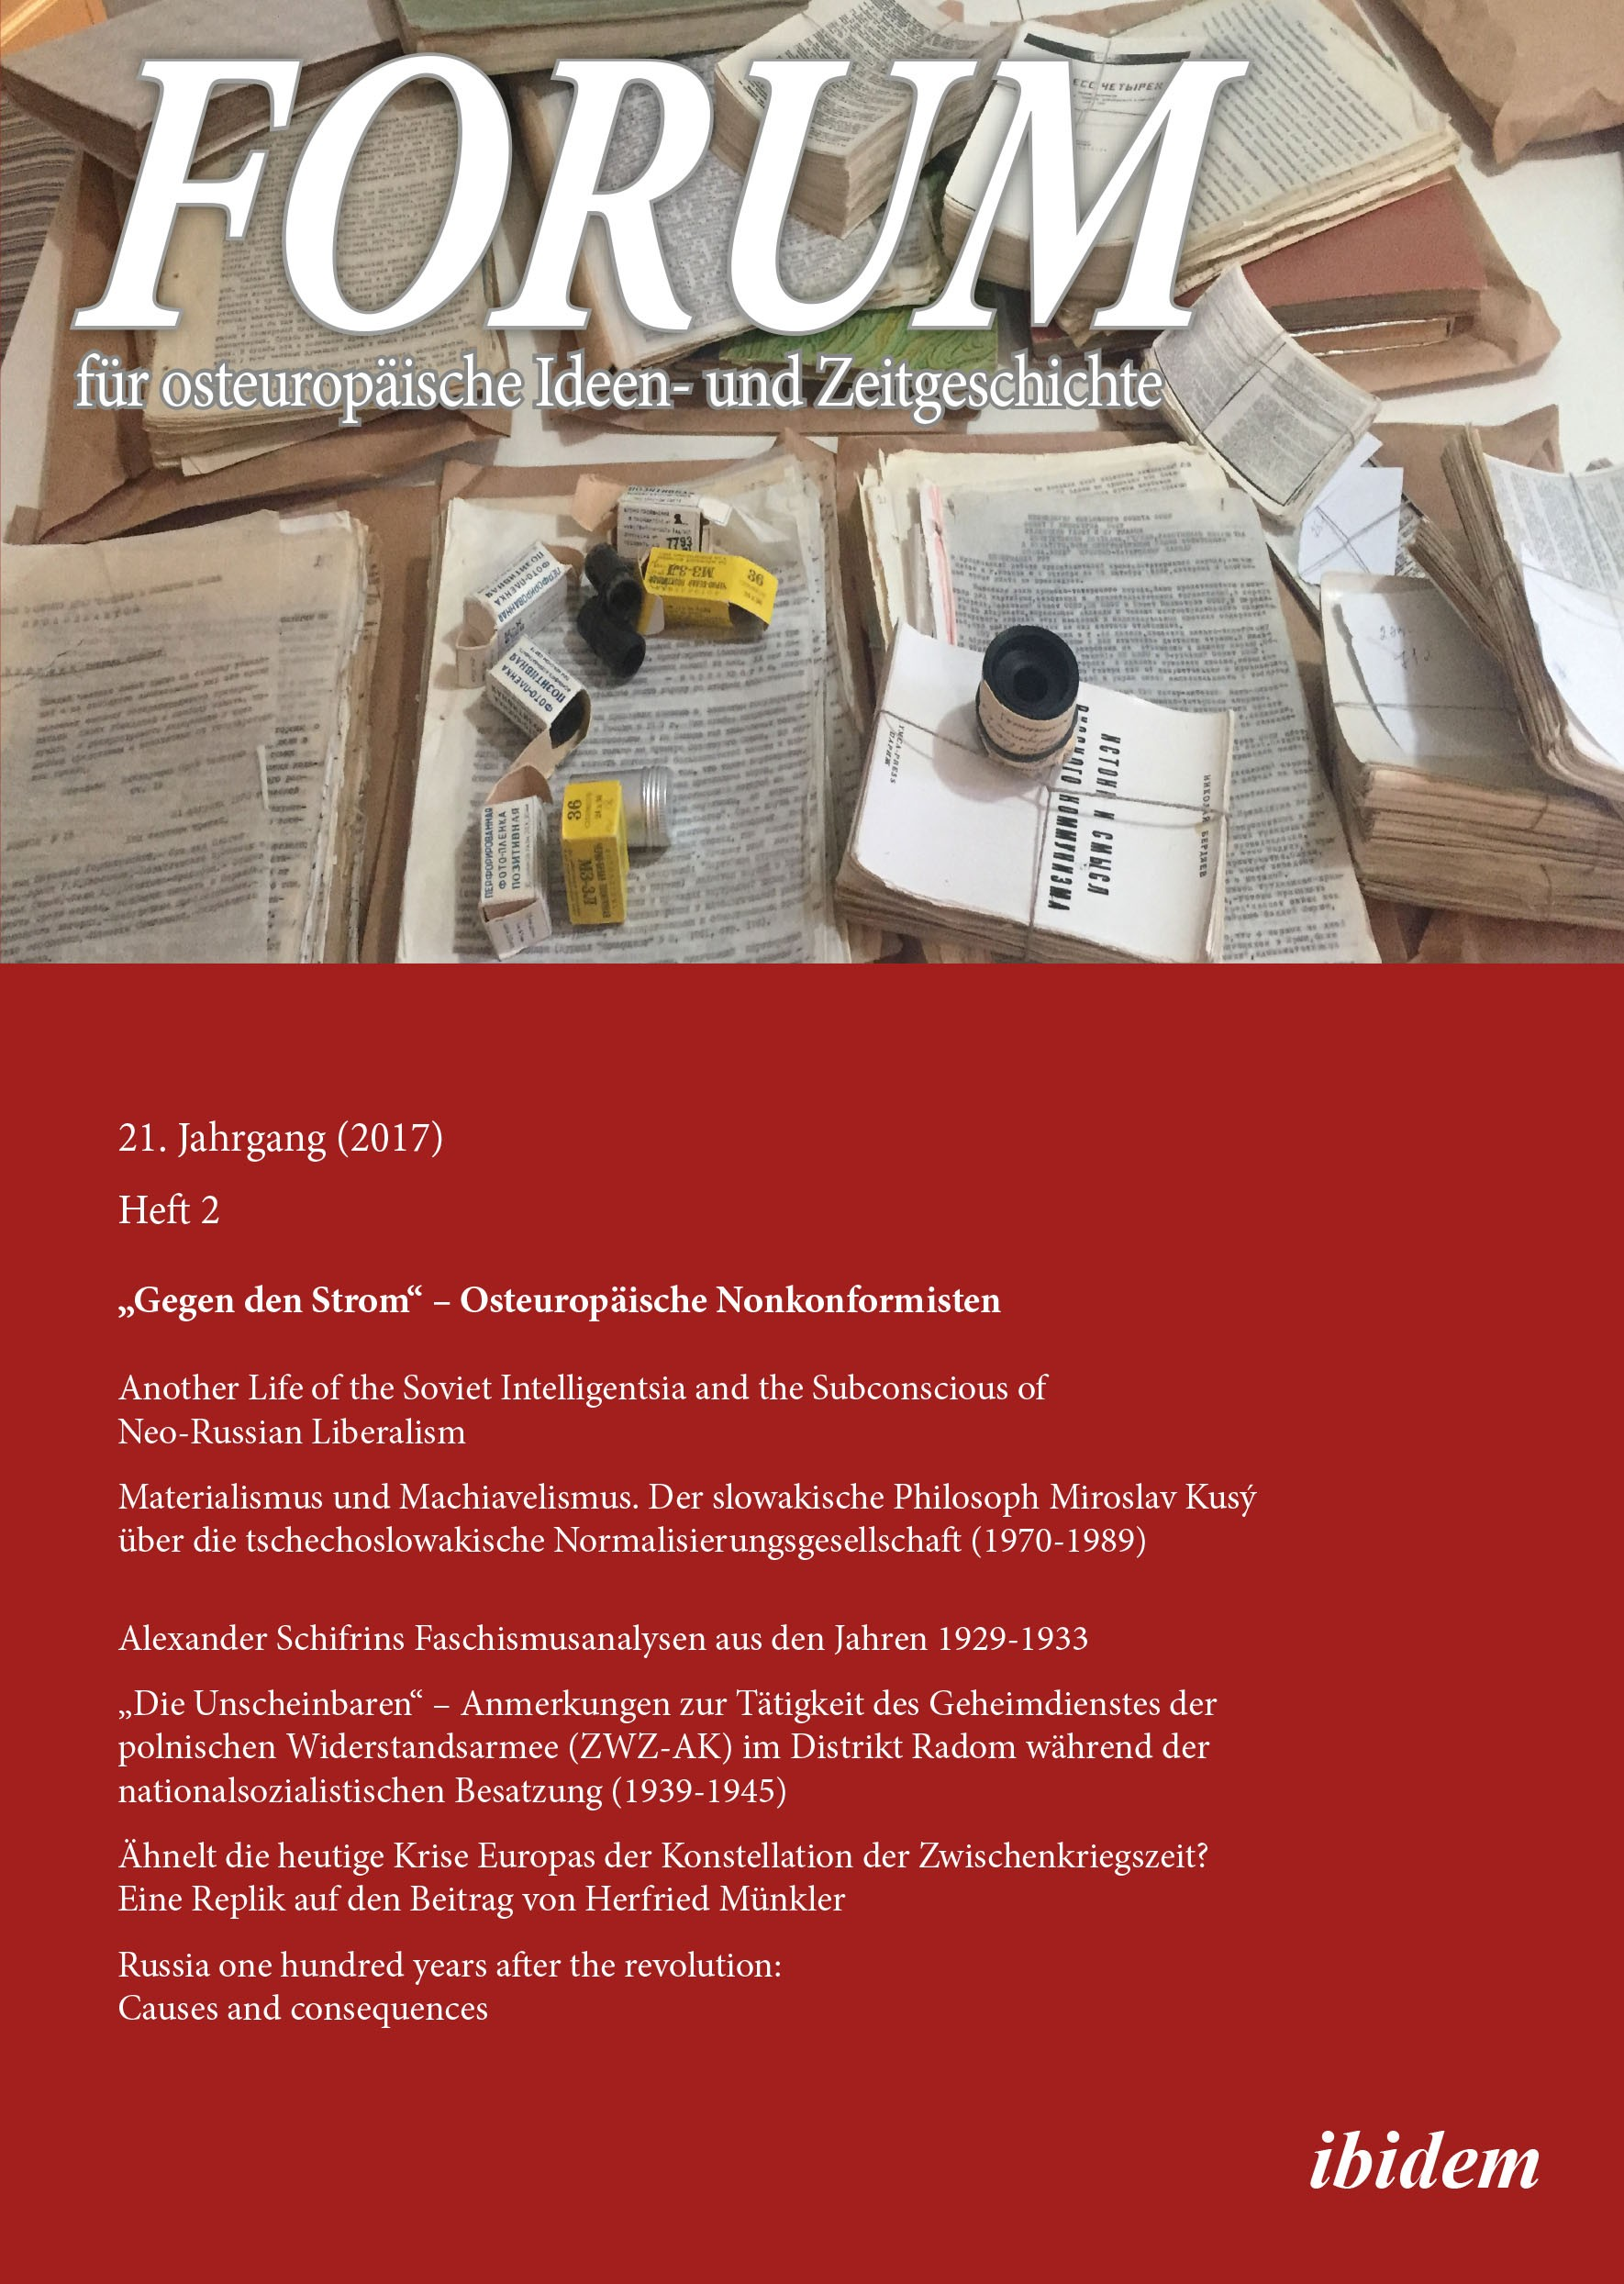 Forum für osteuropäische Ideen- und Zeitgeschichte